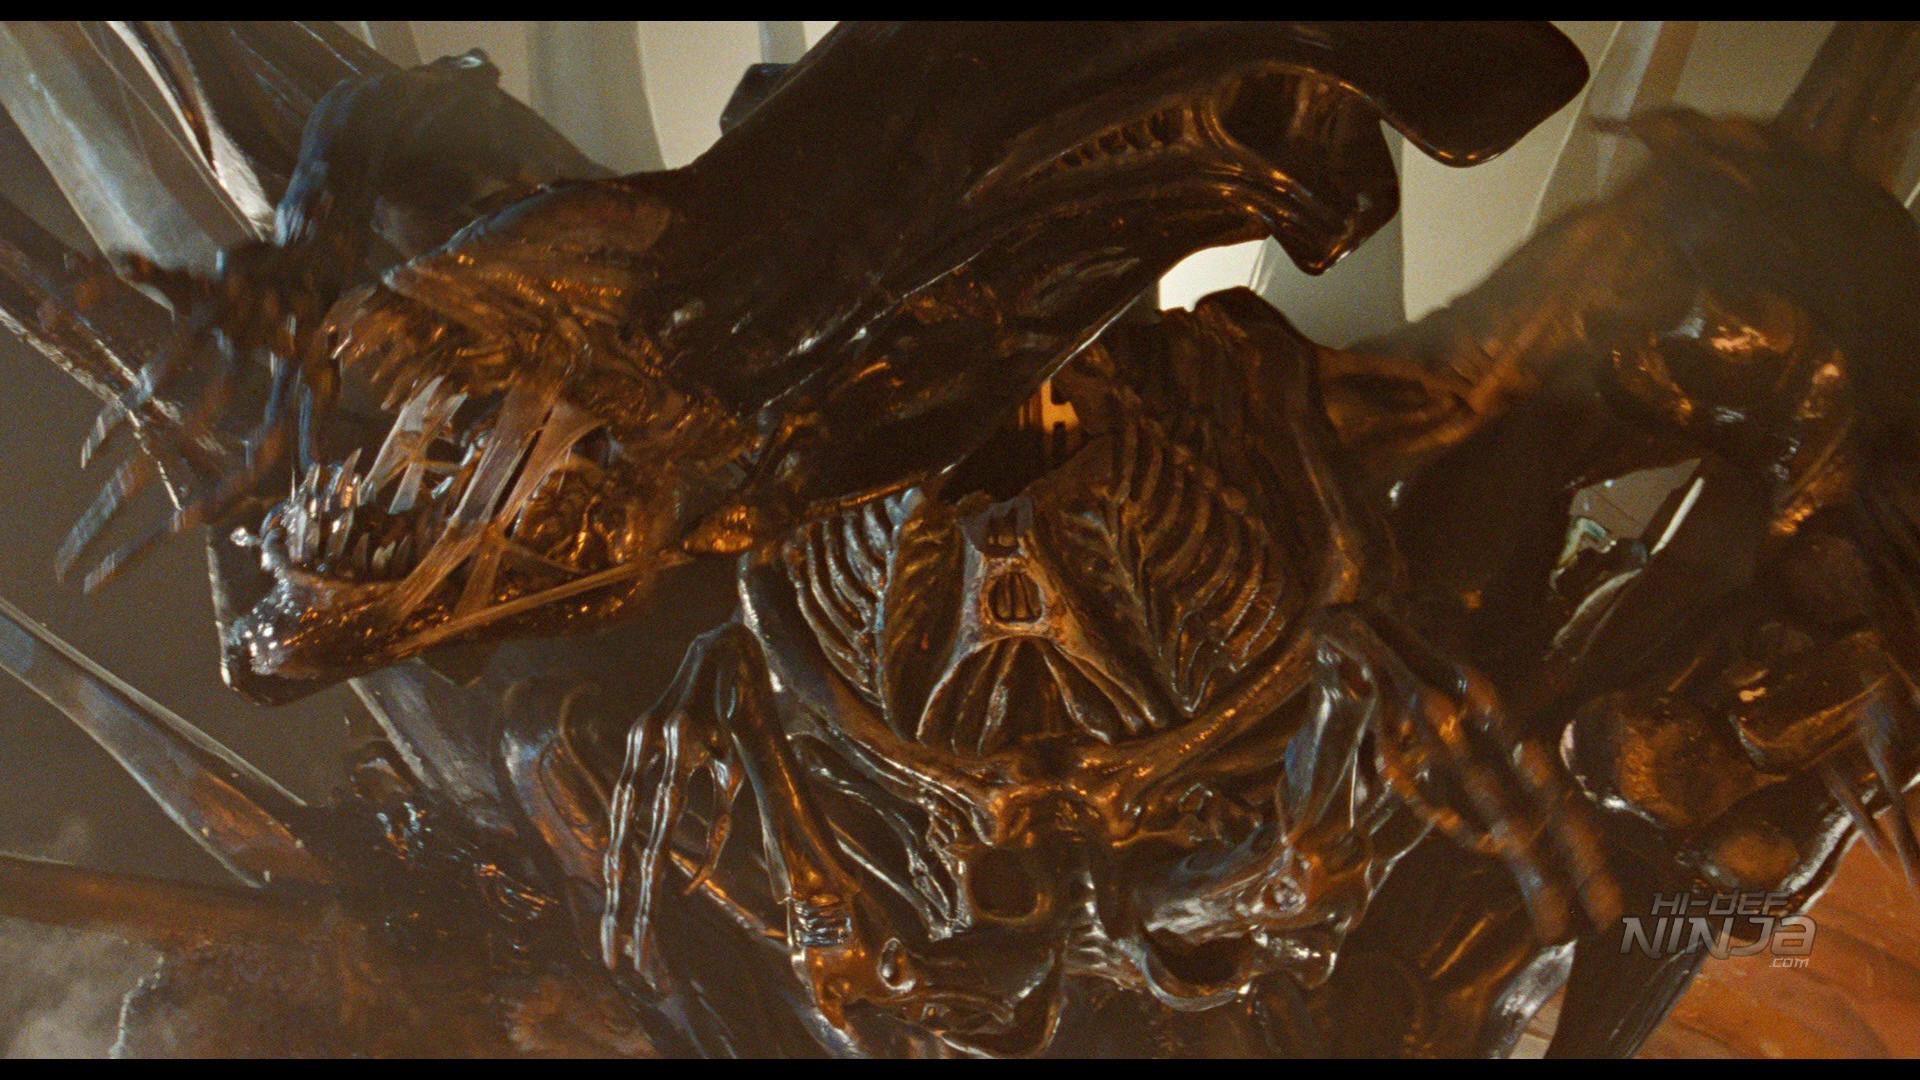 Aliens-HiDefNinja (13)